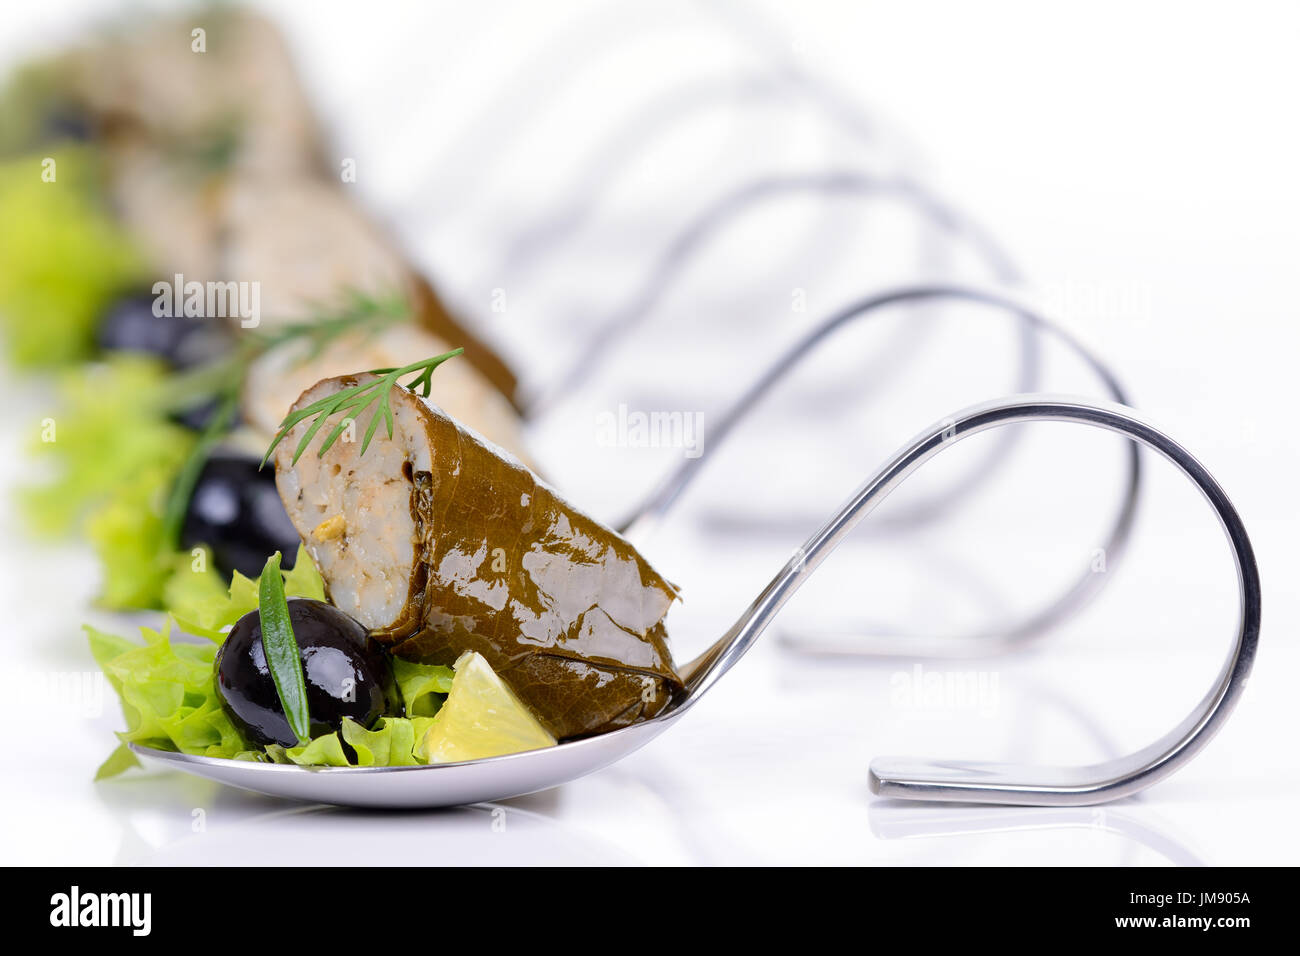 Hojas de uva rellenas con aceitunas negras en cucharas de aperitivo Foto de stock